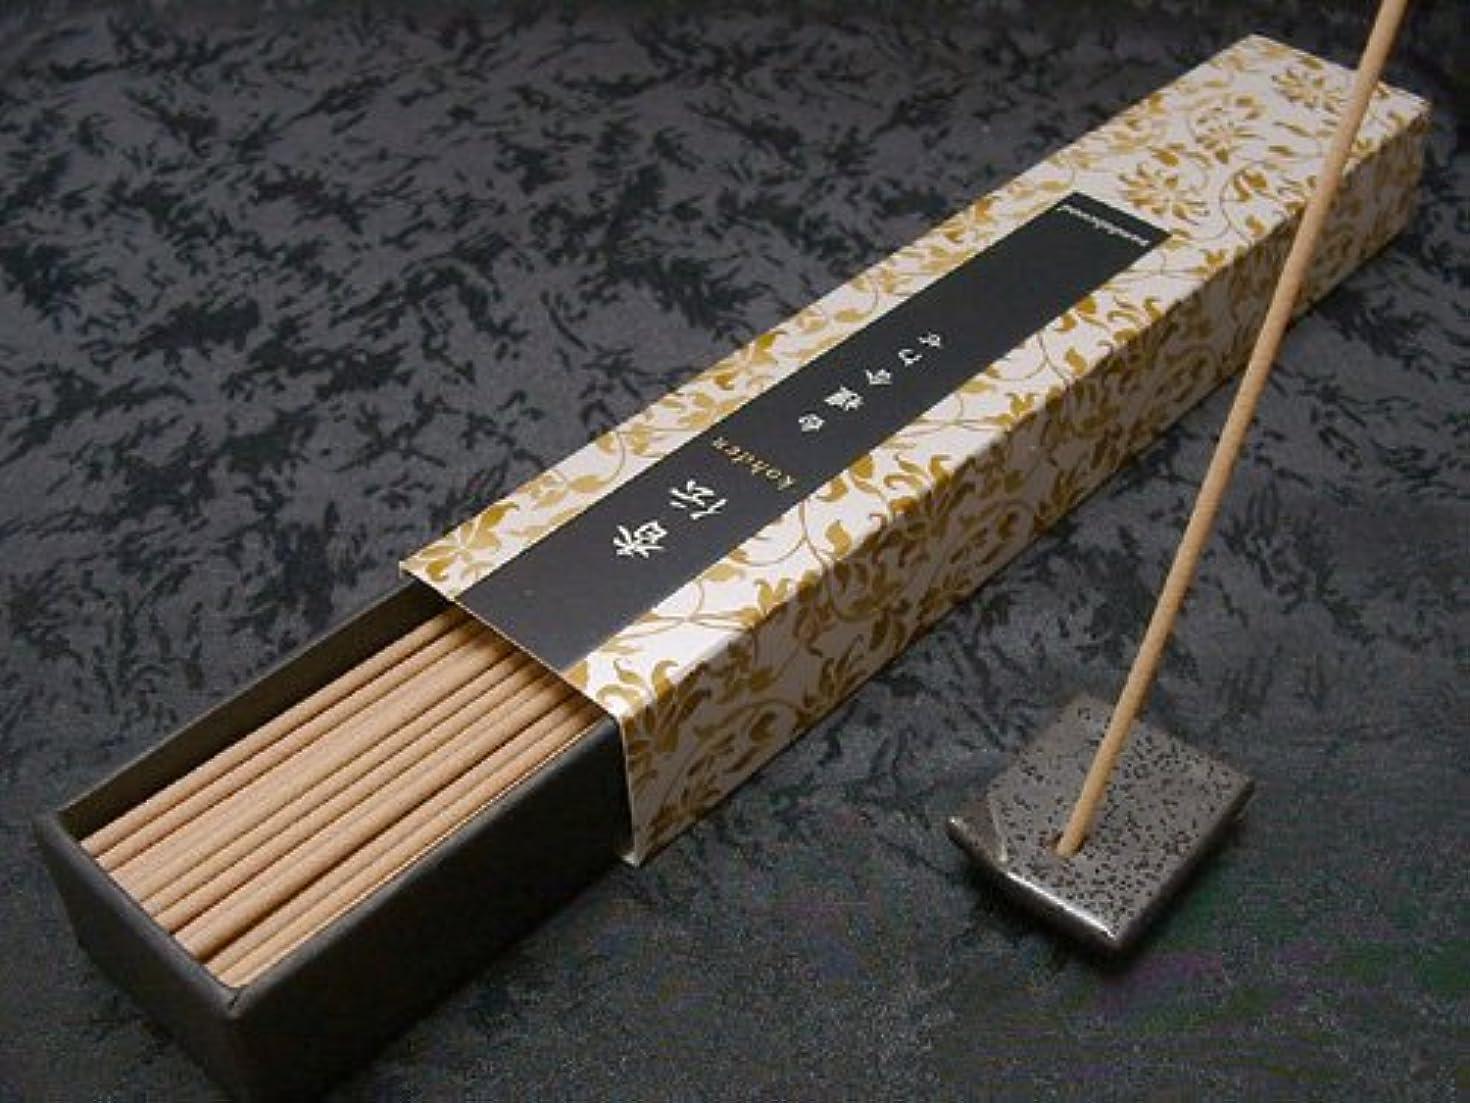 日本香堂のお香 香伝 白檀合わせ